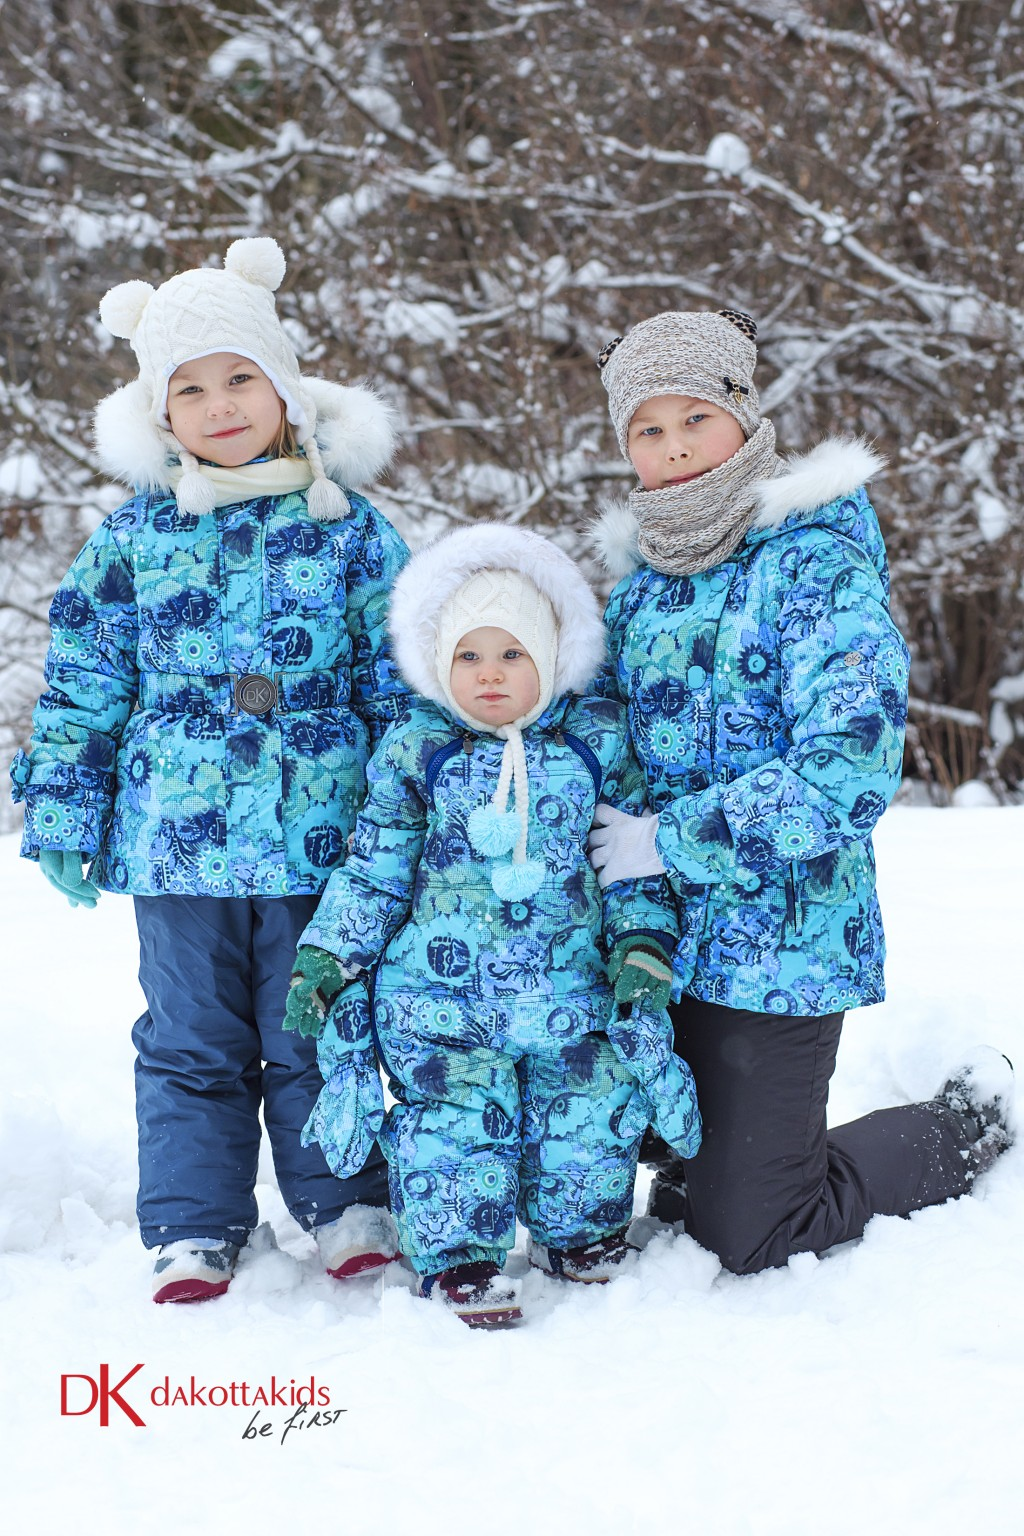 Сбор заказов. Детская одежда из США Dakottakids. Распродажа-20% мембрана Осень-Зима 15-16 гг.Выкуп-8.Без рядов